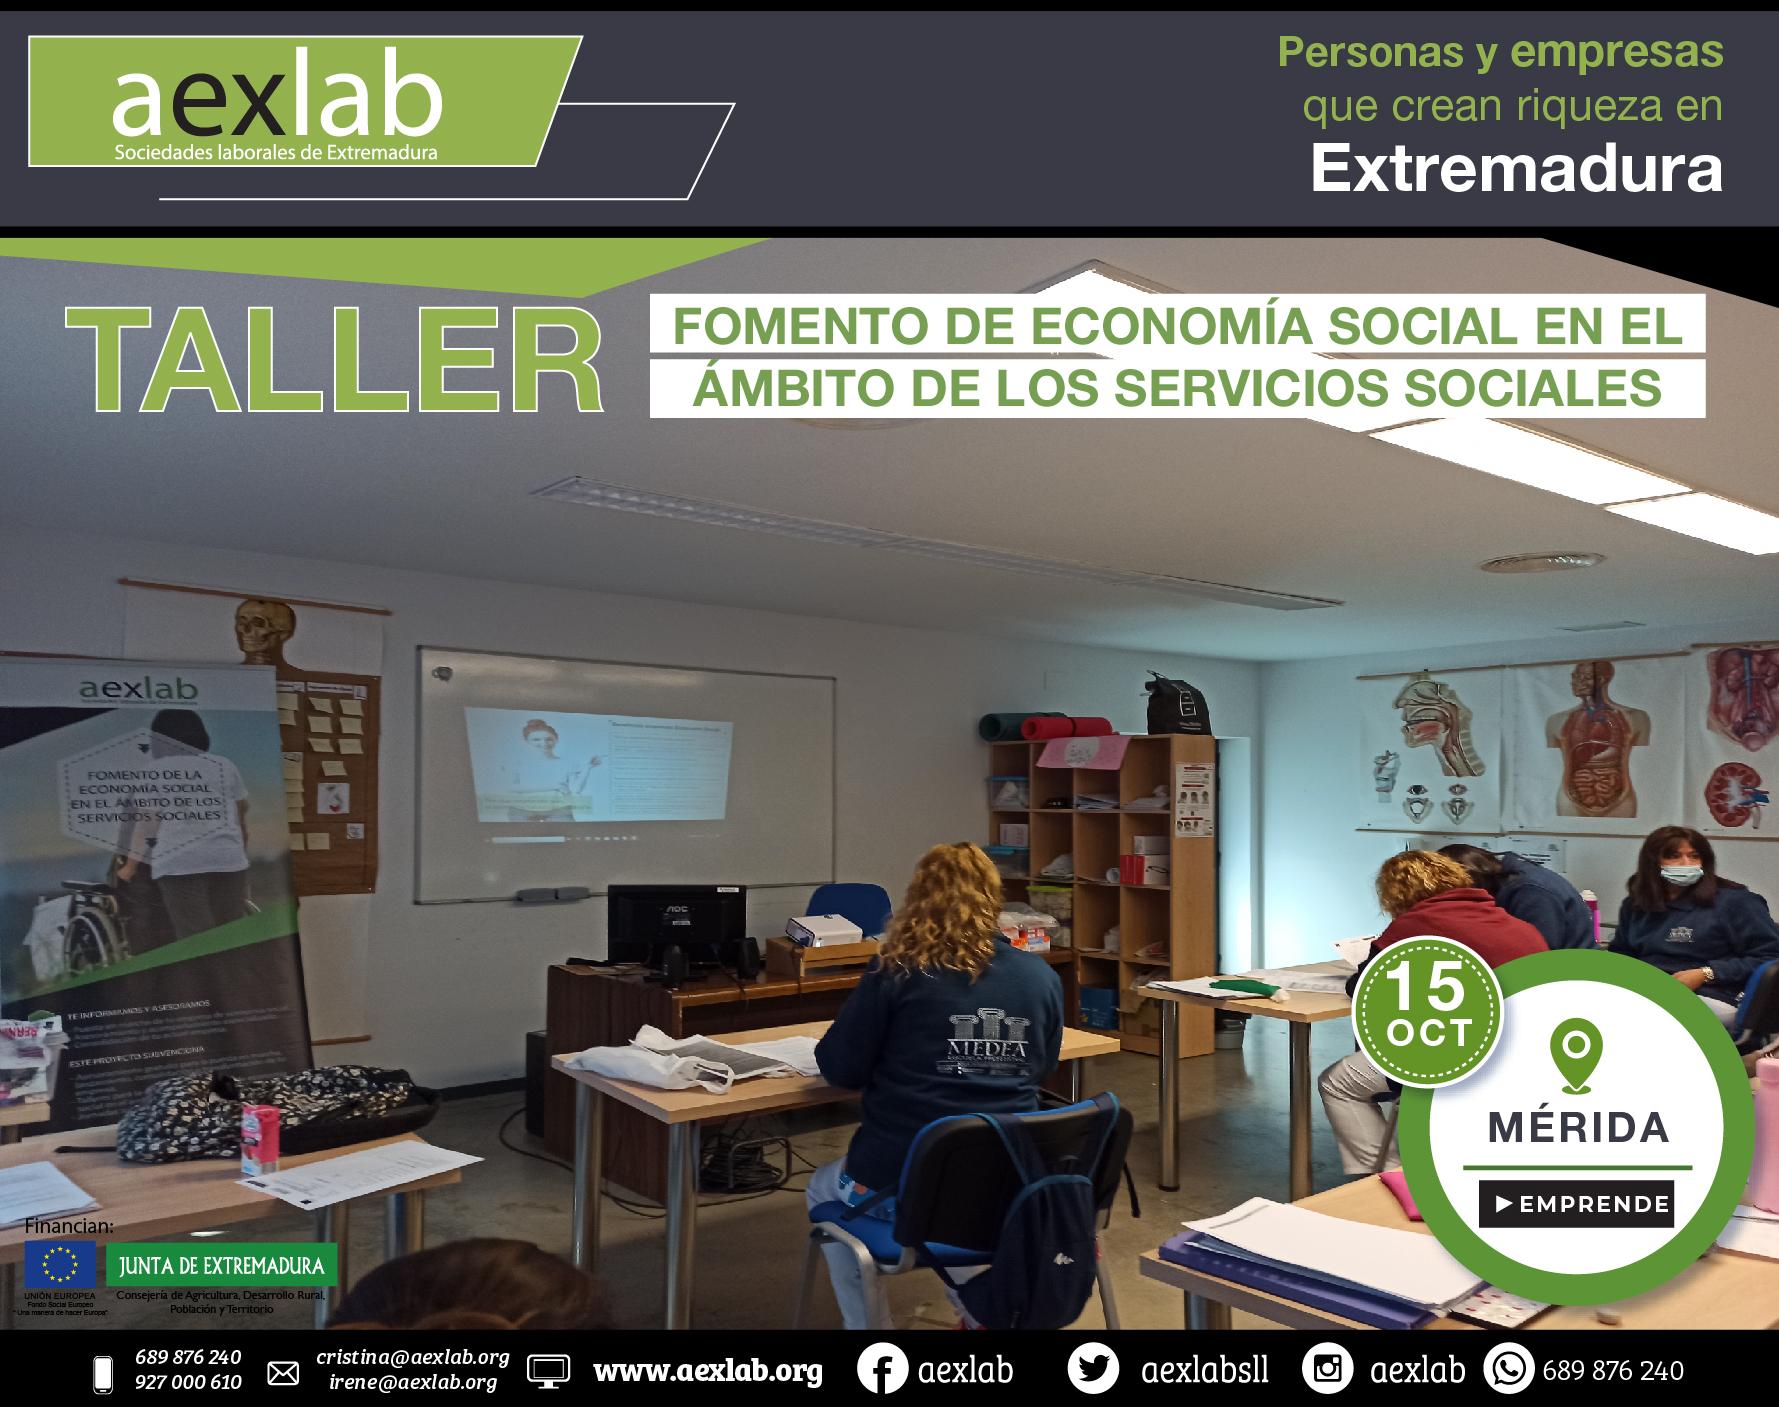 Fotos grupo taller fomento de la economia social ambito social merida aexlab-02